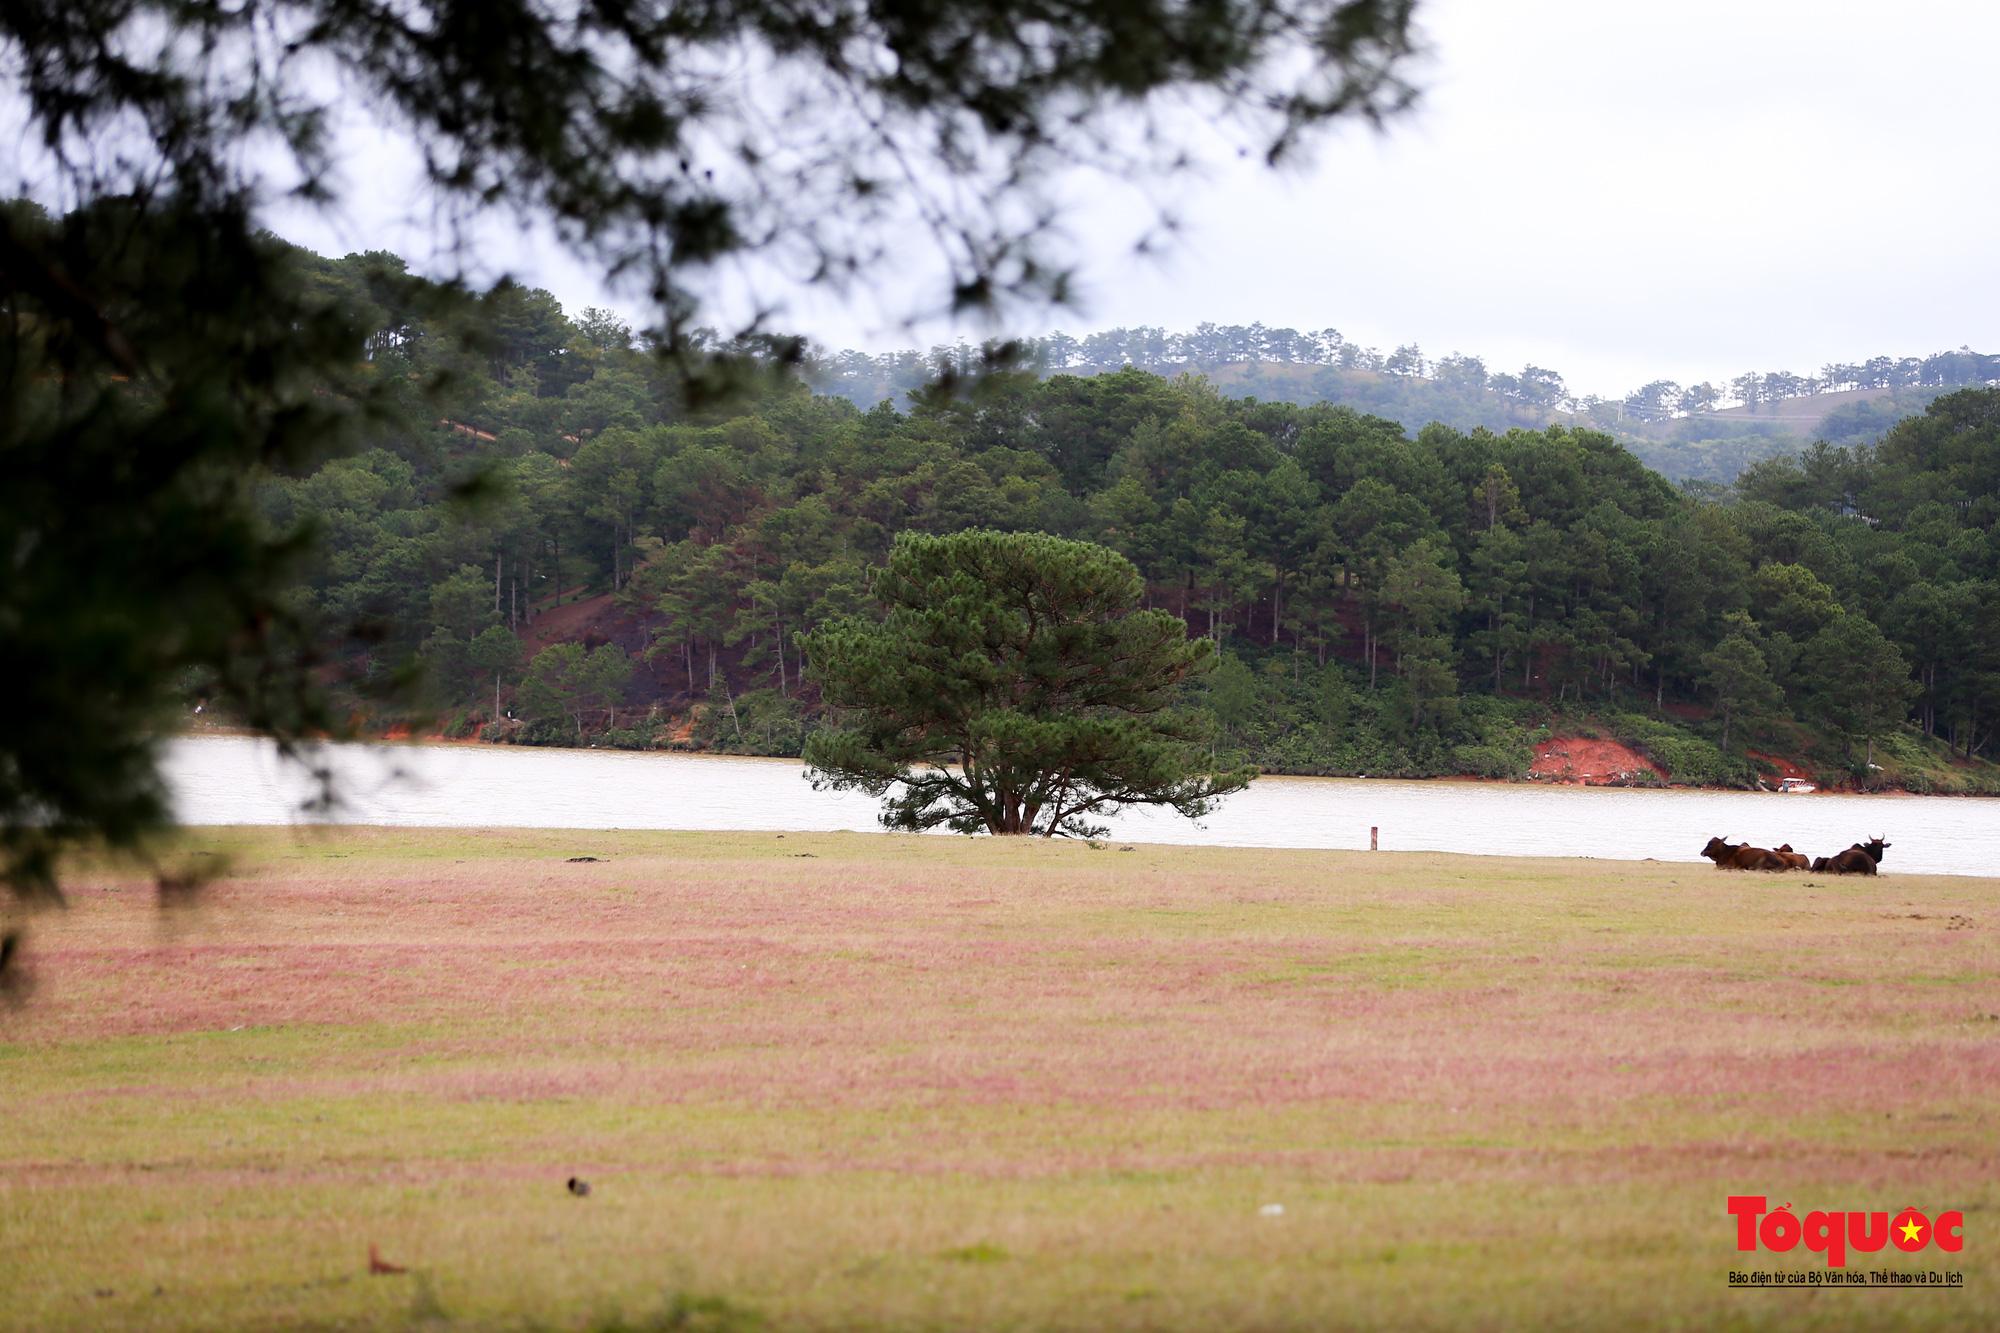 """Đồi cỏ hồng ở Đà Lạt đẹp như tranh sẽ khiến khách du lịch """"mê mẩn"""" - Ảnh 6."""